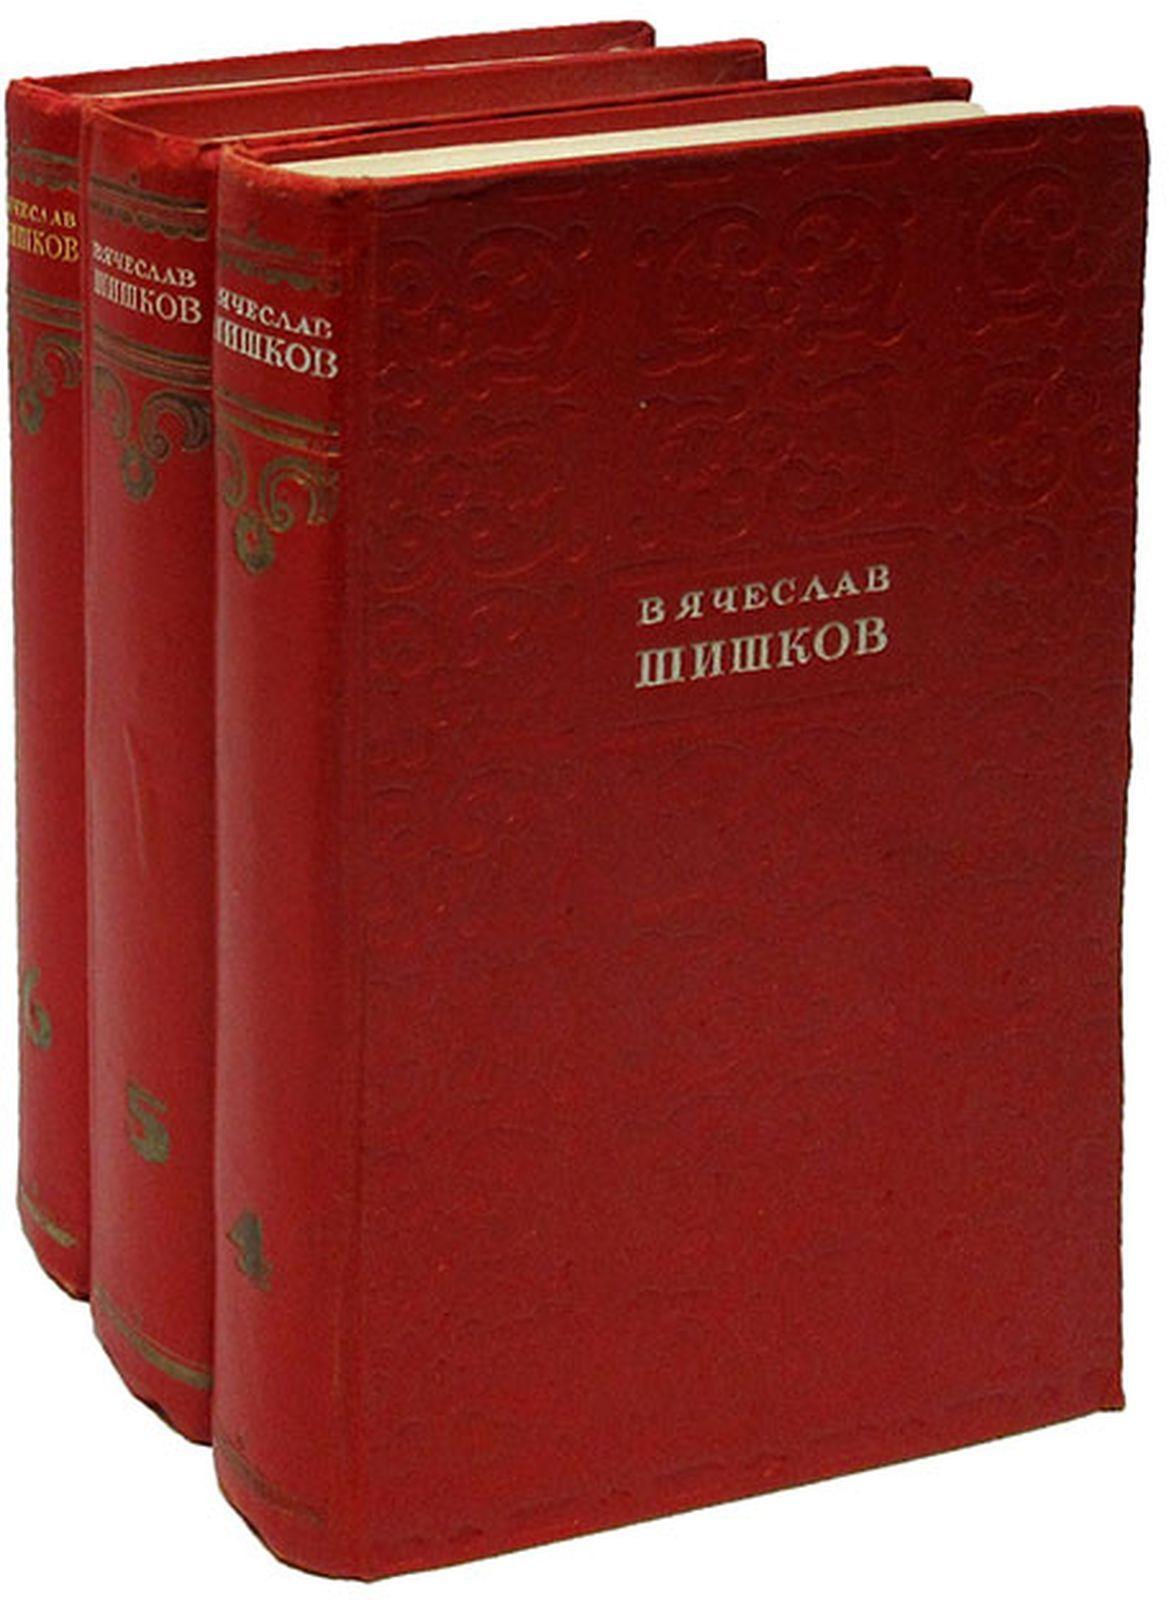 Вячеслав Шишков. Избранные сочинения в 6 томах. Тома 4-6. Емельян Пугачев (комплект из 3 книг)